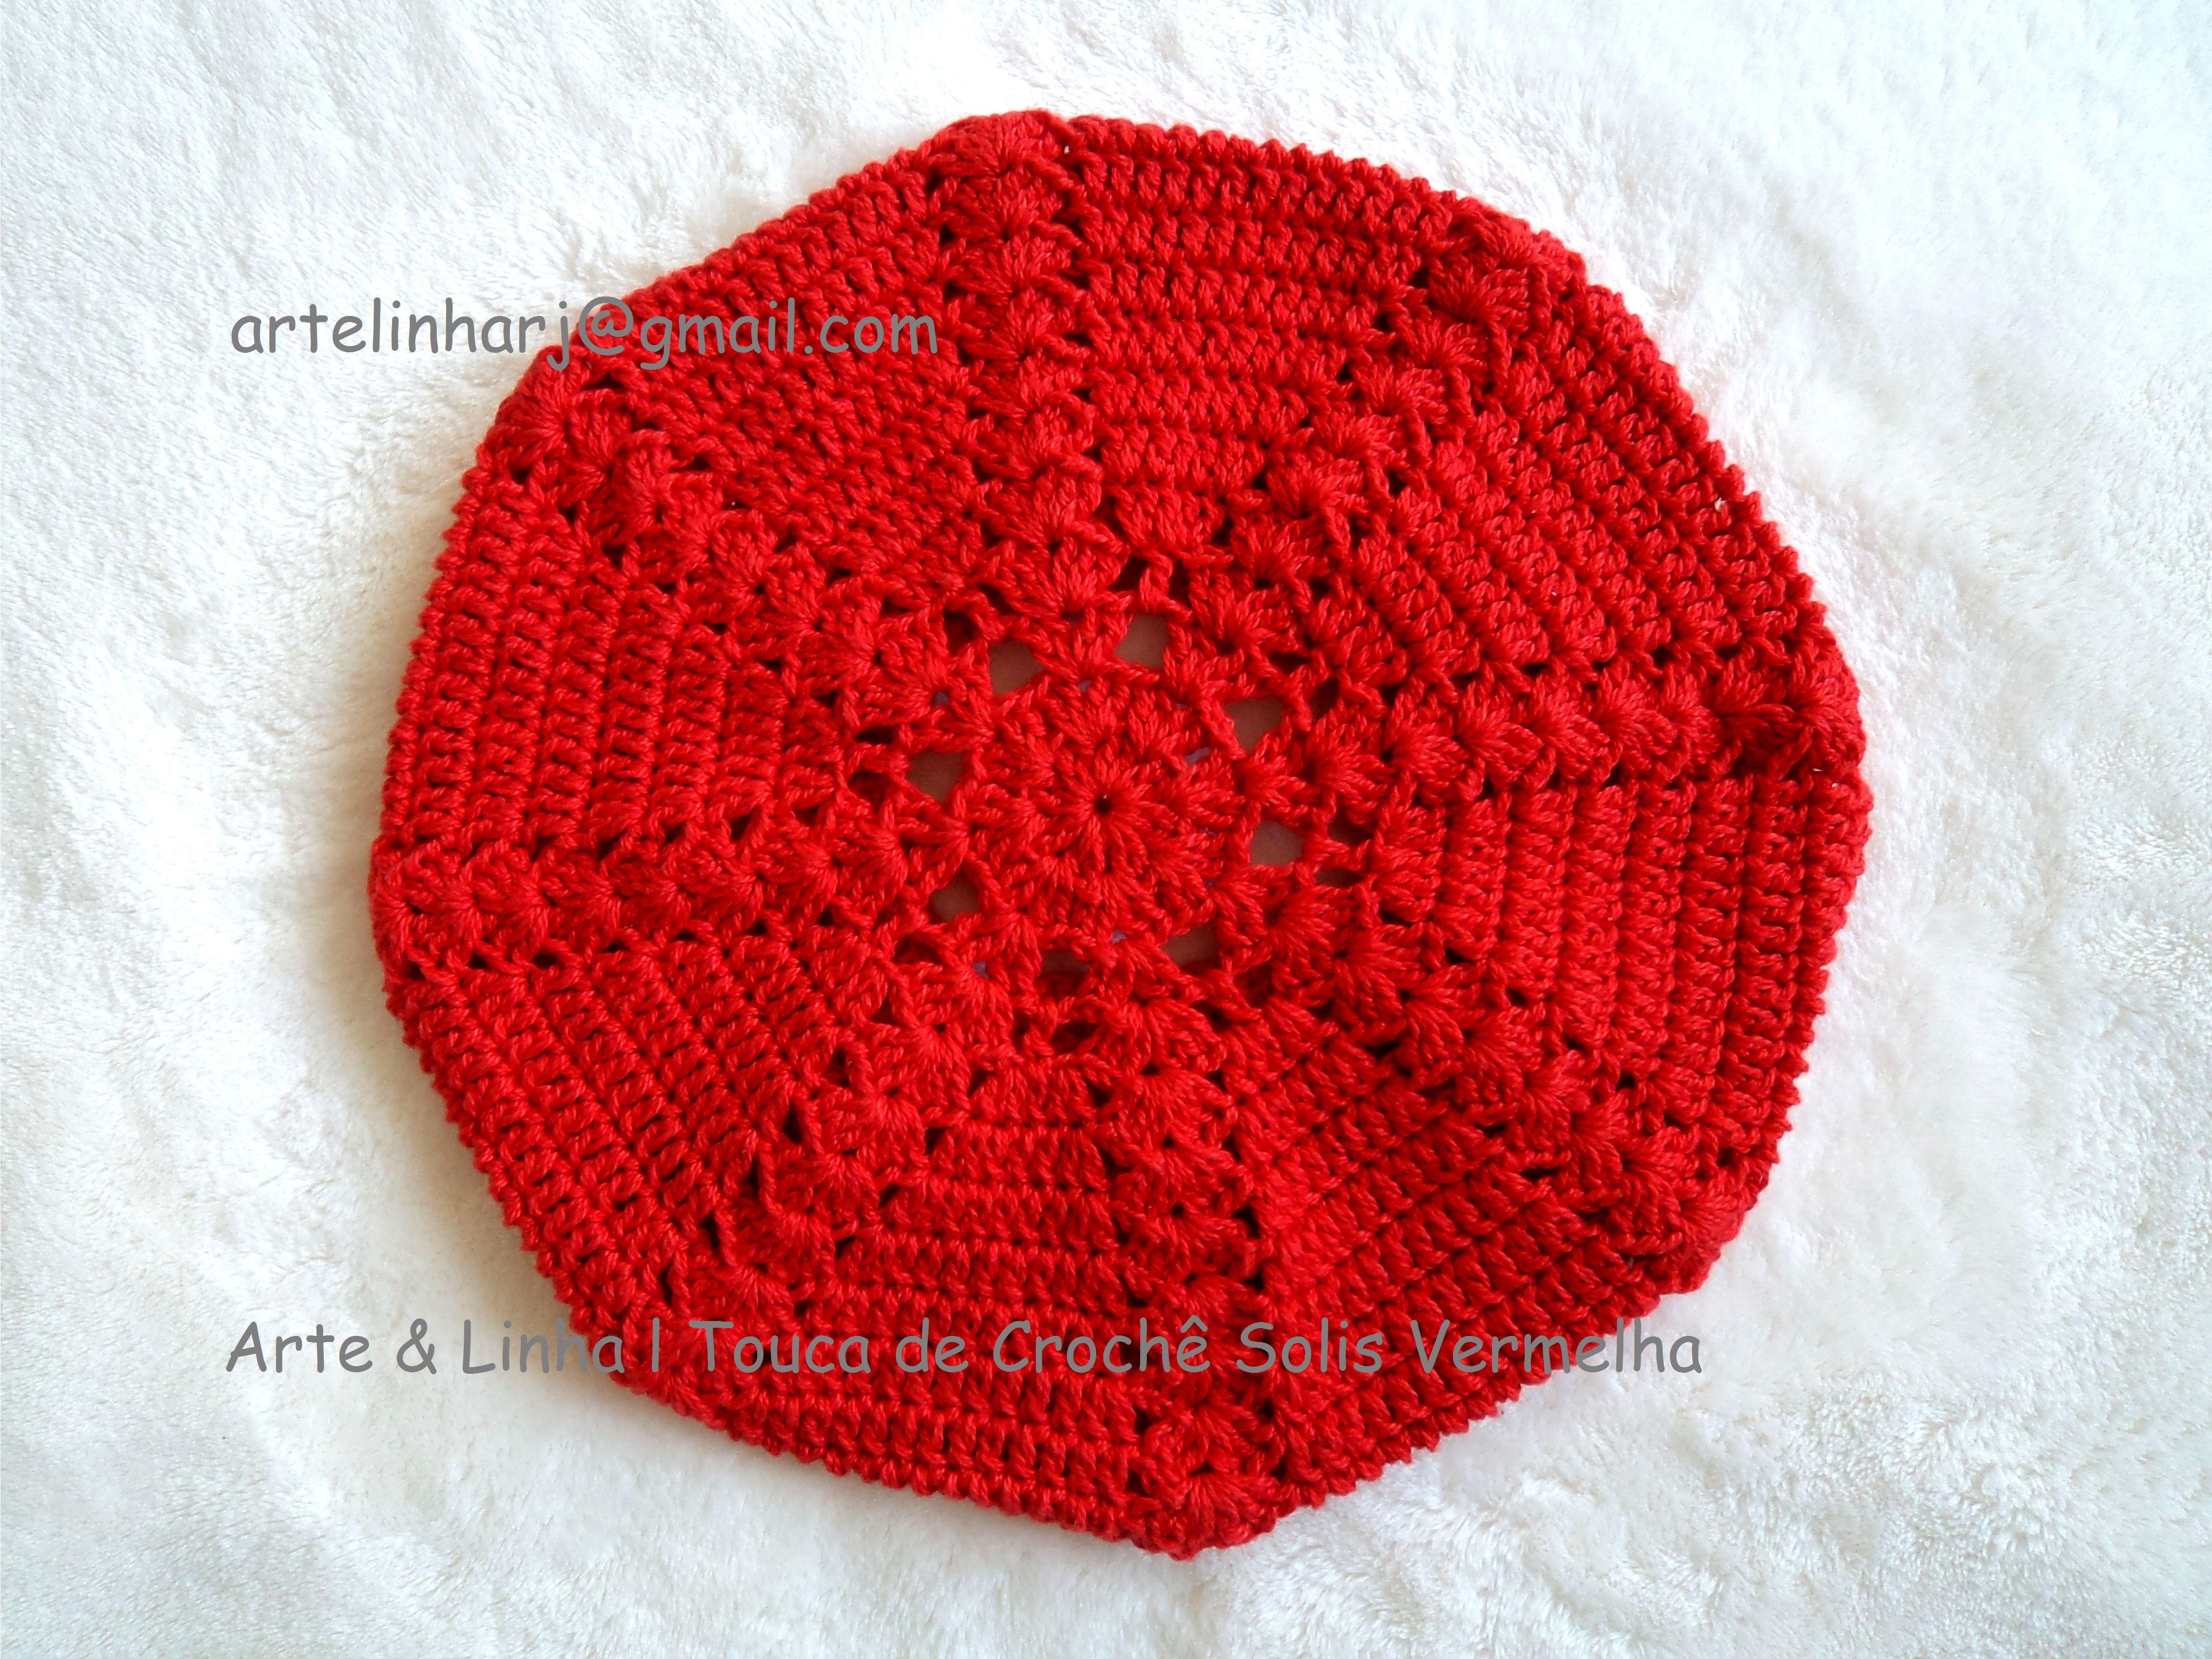 Touca de Crochê Solis Vermelha  Touca de Crochê em 100% algodão.  Feita por encomenda.   Tamanho da Circunferência  2 - 4 anos: 48 a 50 cm.  4 - 10 anos: 50 a 53 cm,  11 - 15 anos: 54 a 56 cm,  acima de 16 anos e adulto: 57 cm   Encomendas personalizadas whatsapp 62 98146.4188 email artelinharj@gmail.com Instagram: @croche_artelinha www.elo7.com.br/crocheartelinha